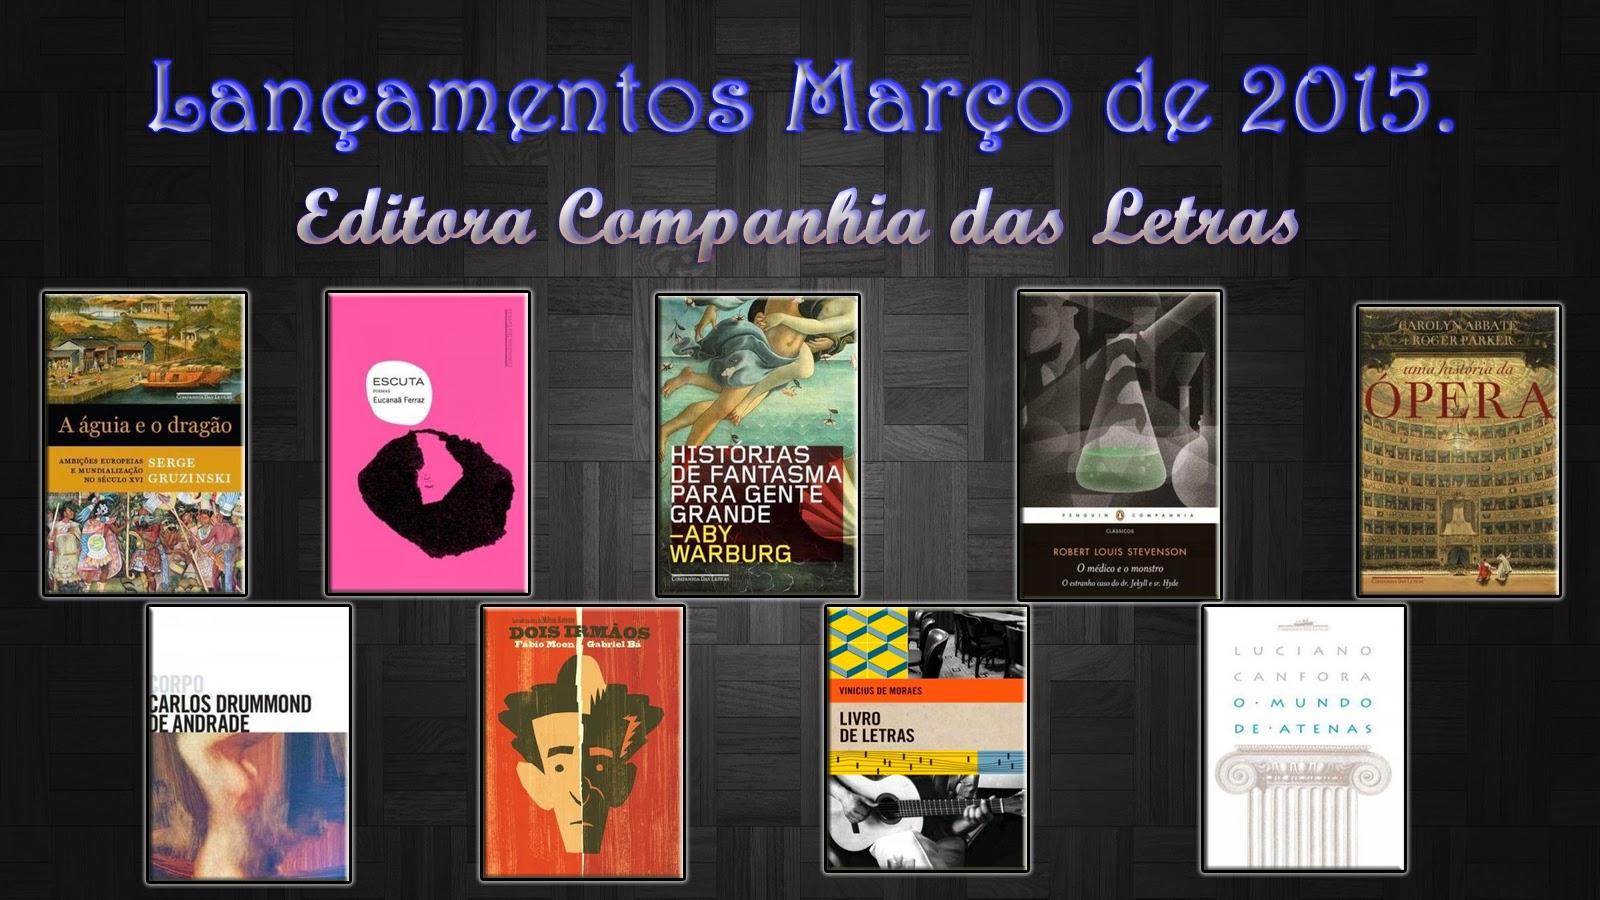 http://livrosetalgroup.blogspot.com.br/p/lancamentos.html